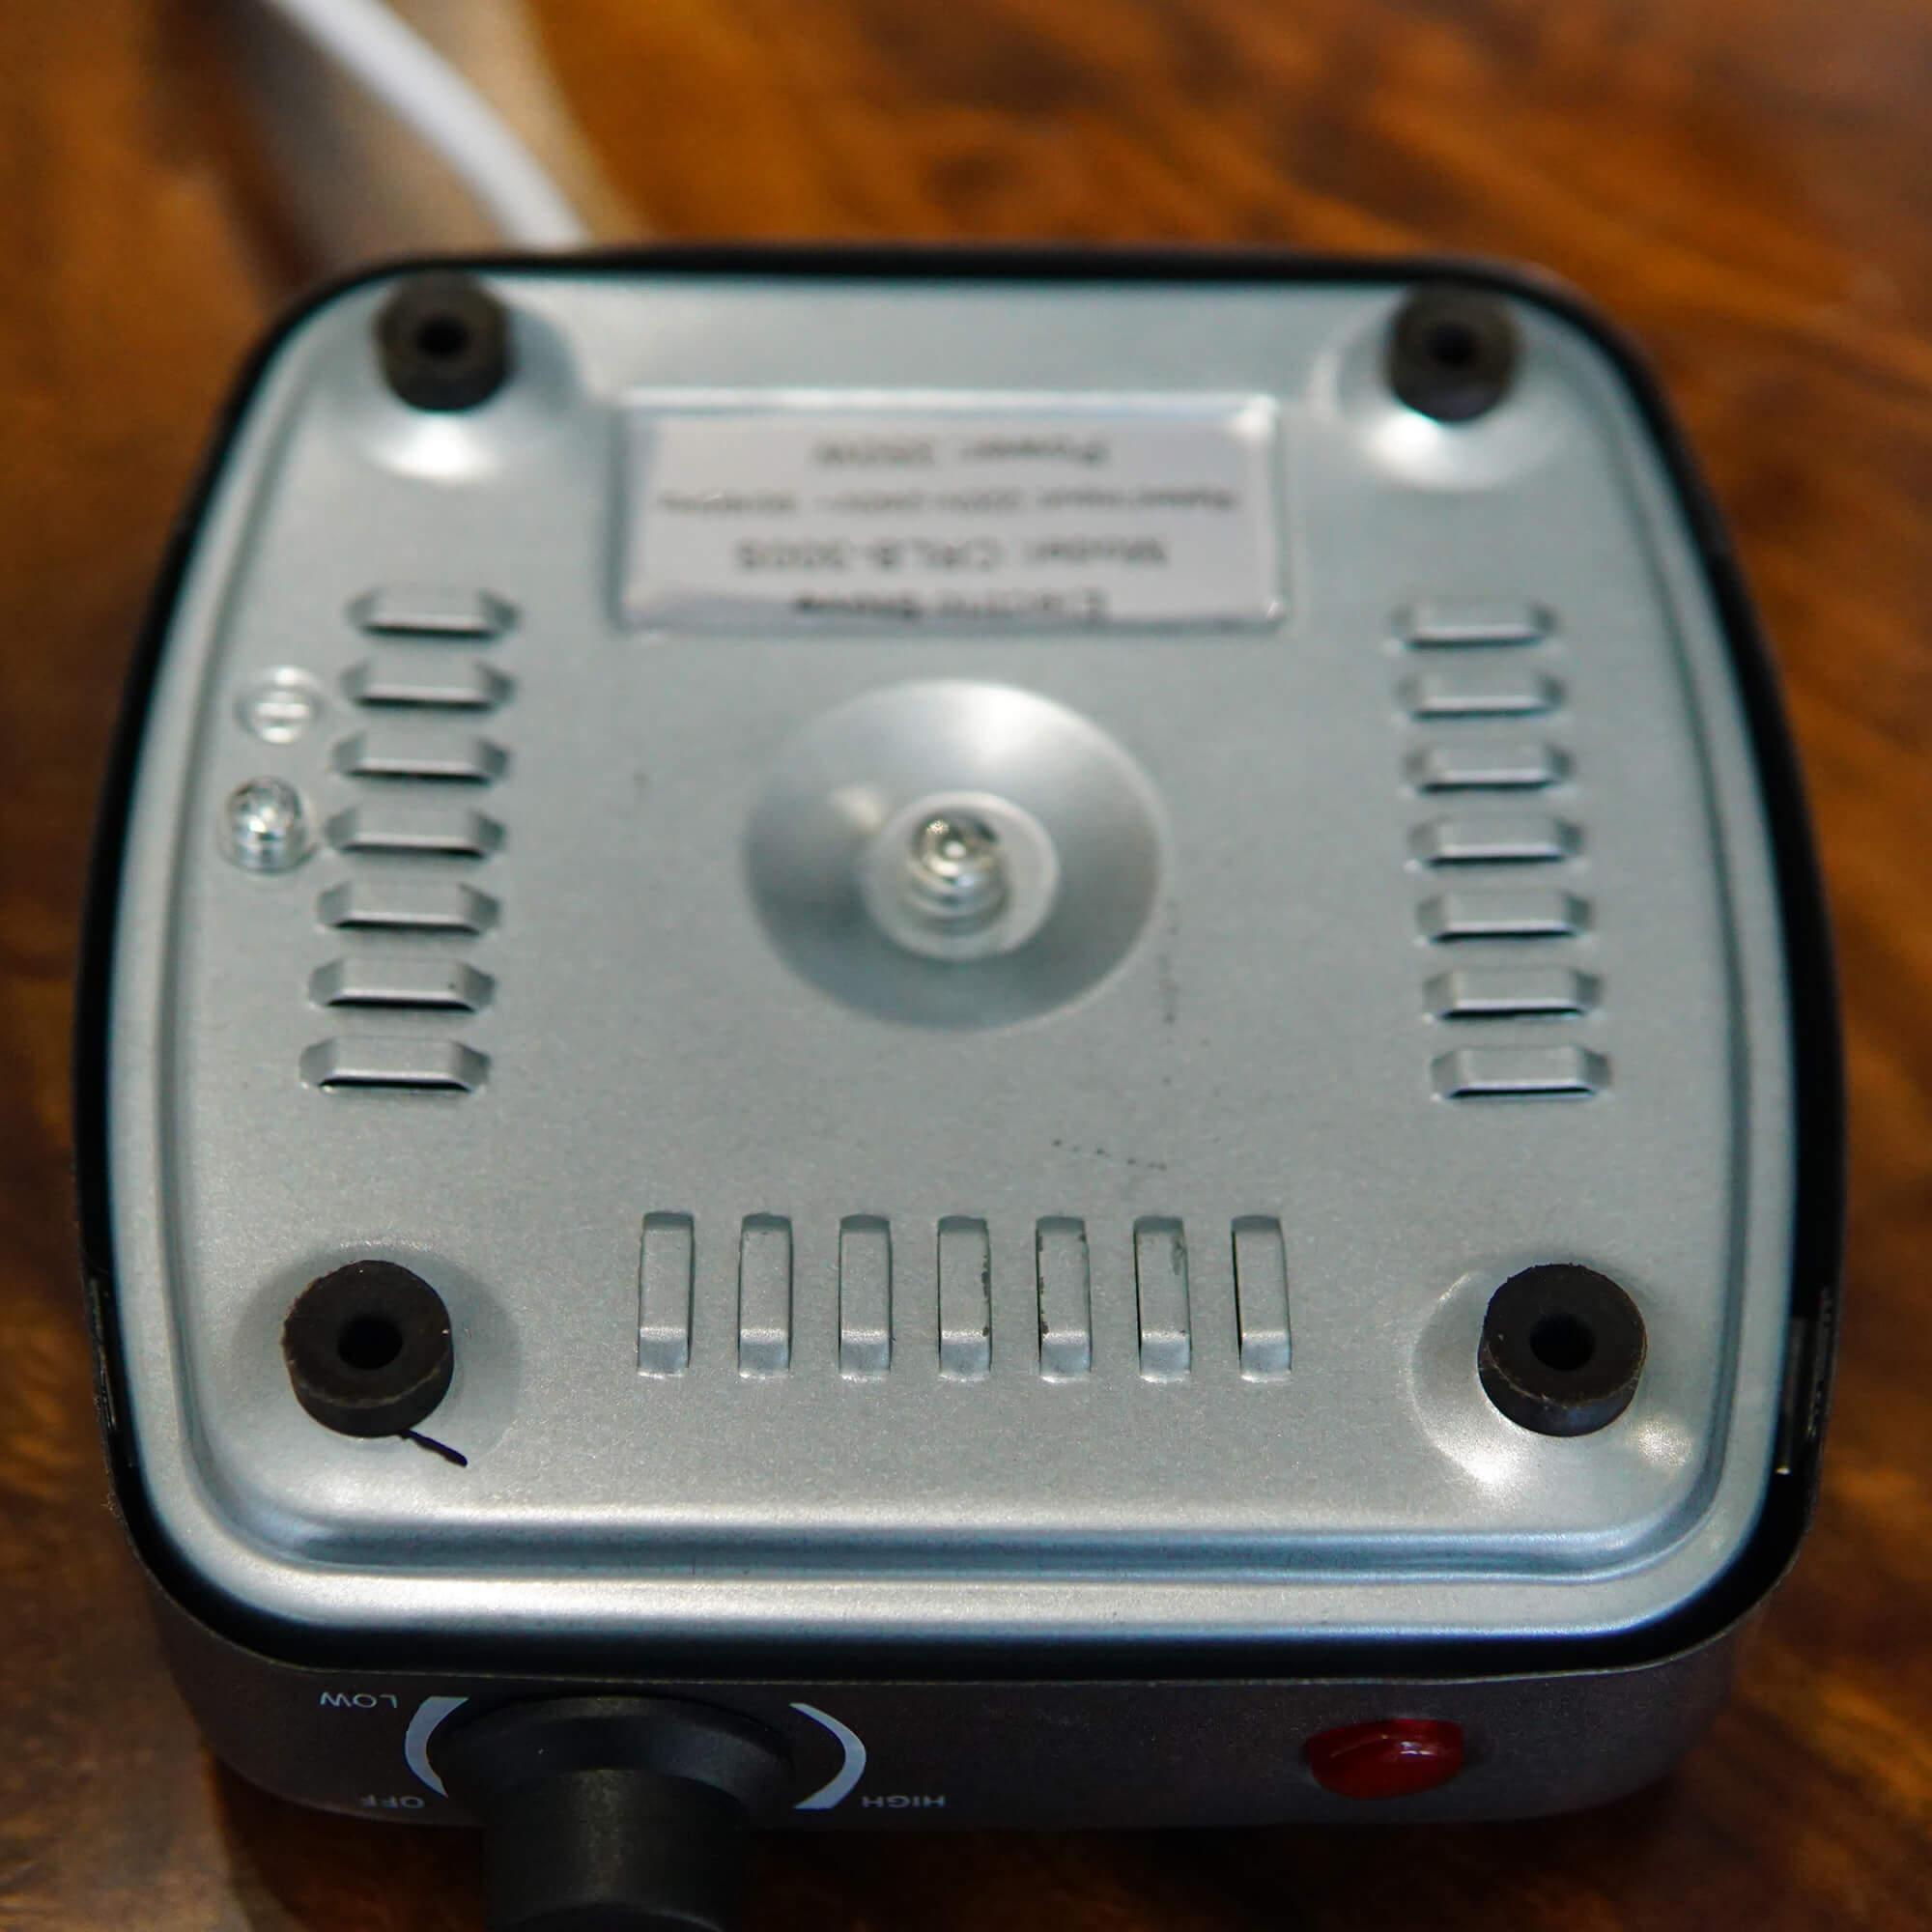 BẾP ĐIỆN NẤU MOKA POT CRLB-300S ELECTRIC STOVE